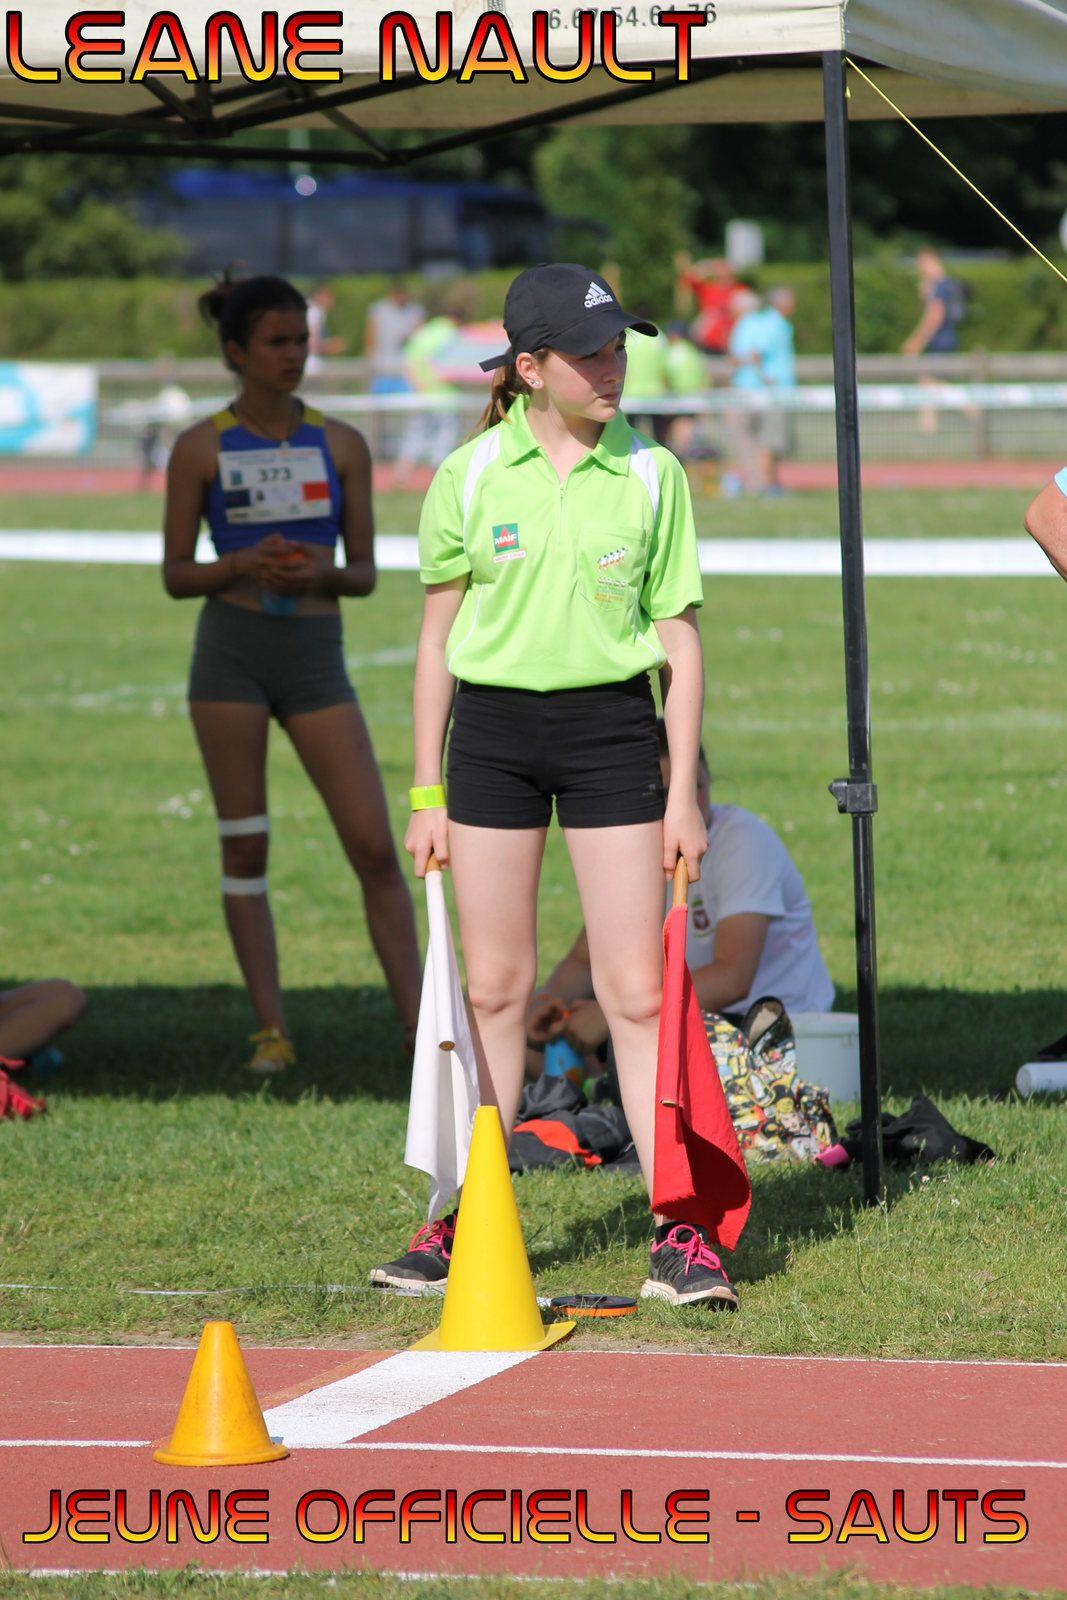 Léane, notre Jeune Officielle, a officié durant toute la compétition sur les concours de sauts.